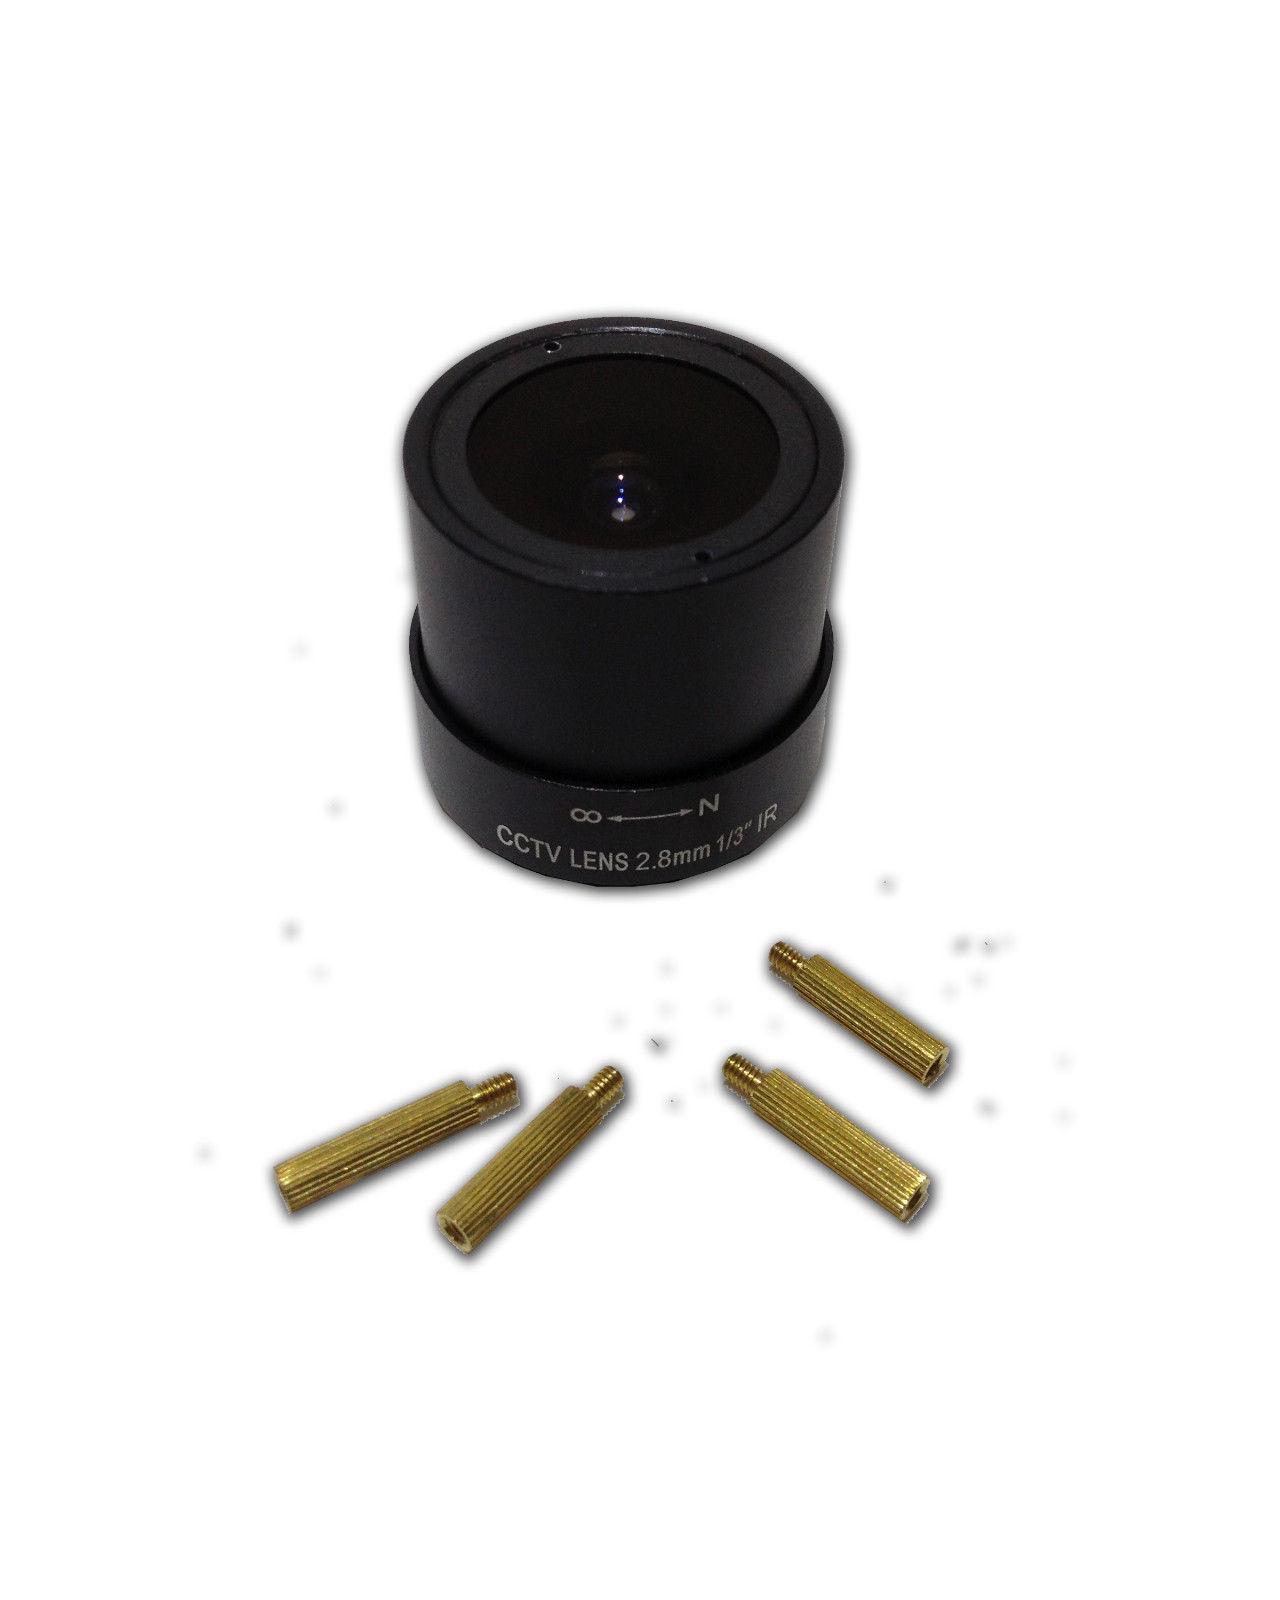 2.8mm Foscam lens fi8905w 9802w FI9804W Insteon 75791